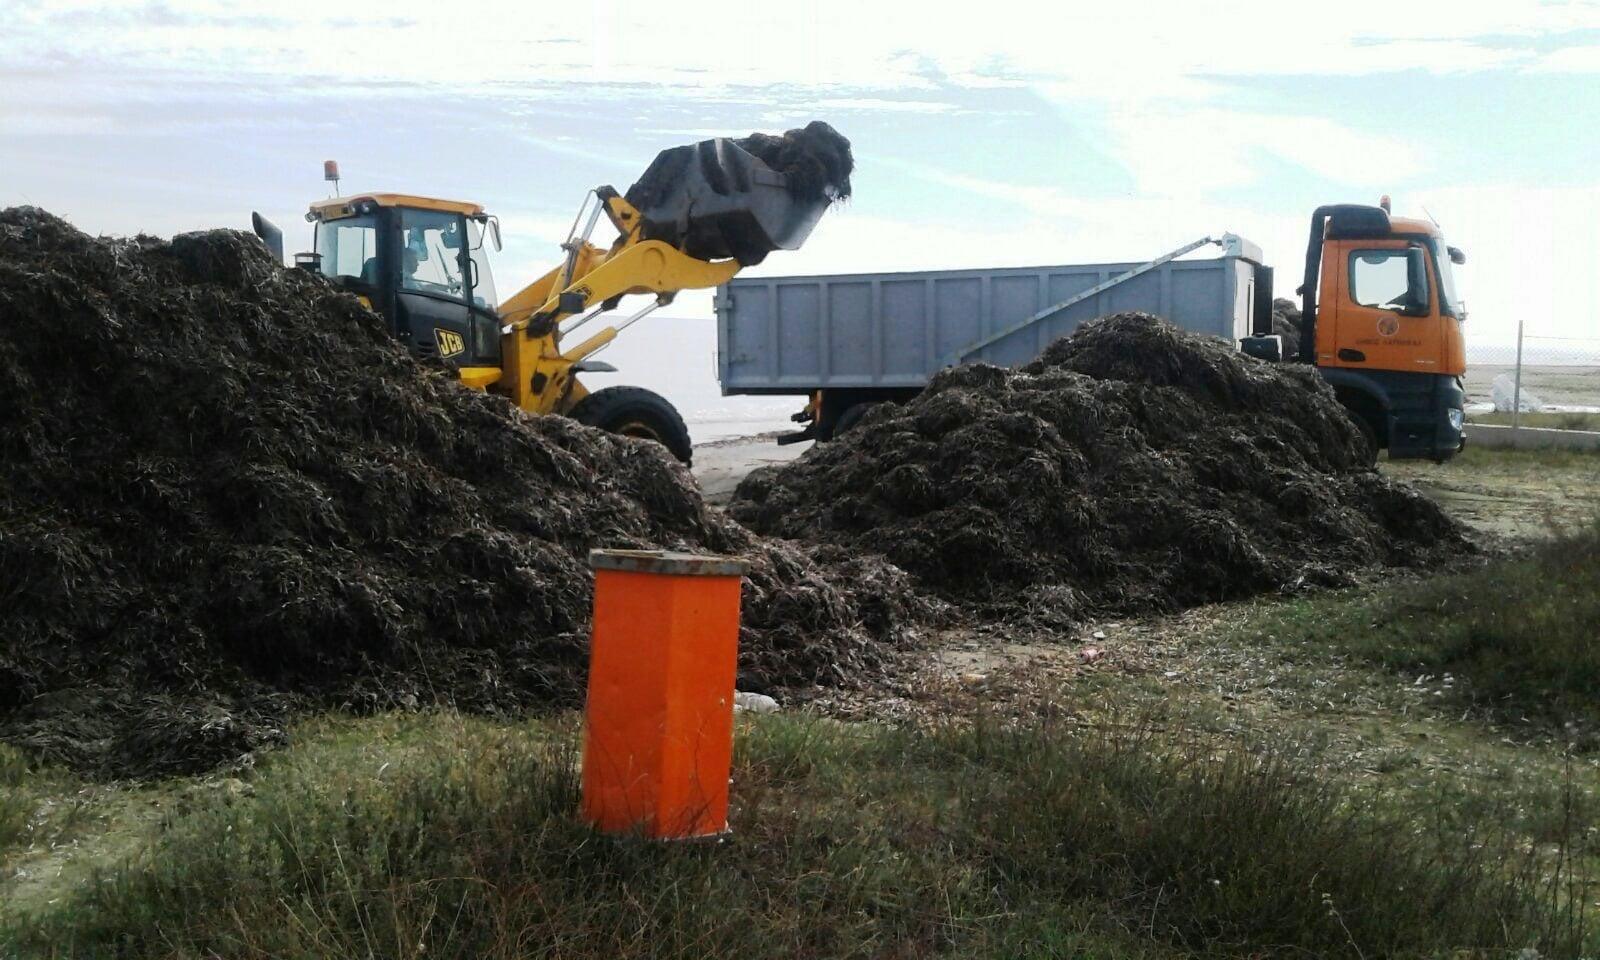 Δήμος Λάρνακας: Συνεχίζεται ο καθαρισμός Λεωφόρων και παραλιών